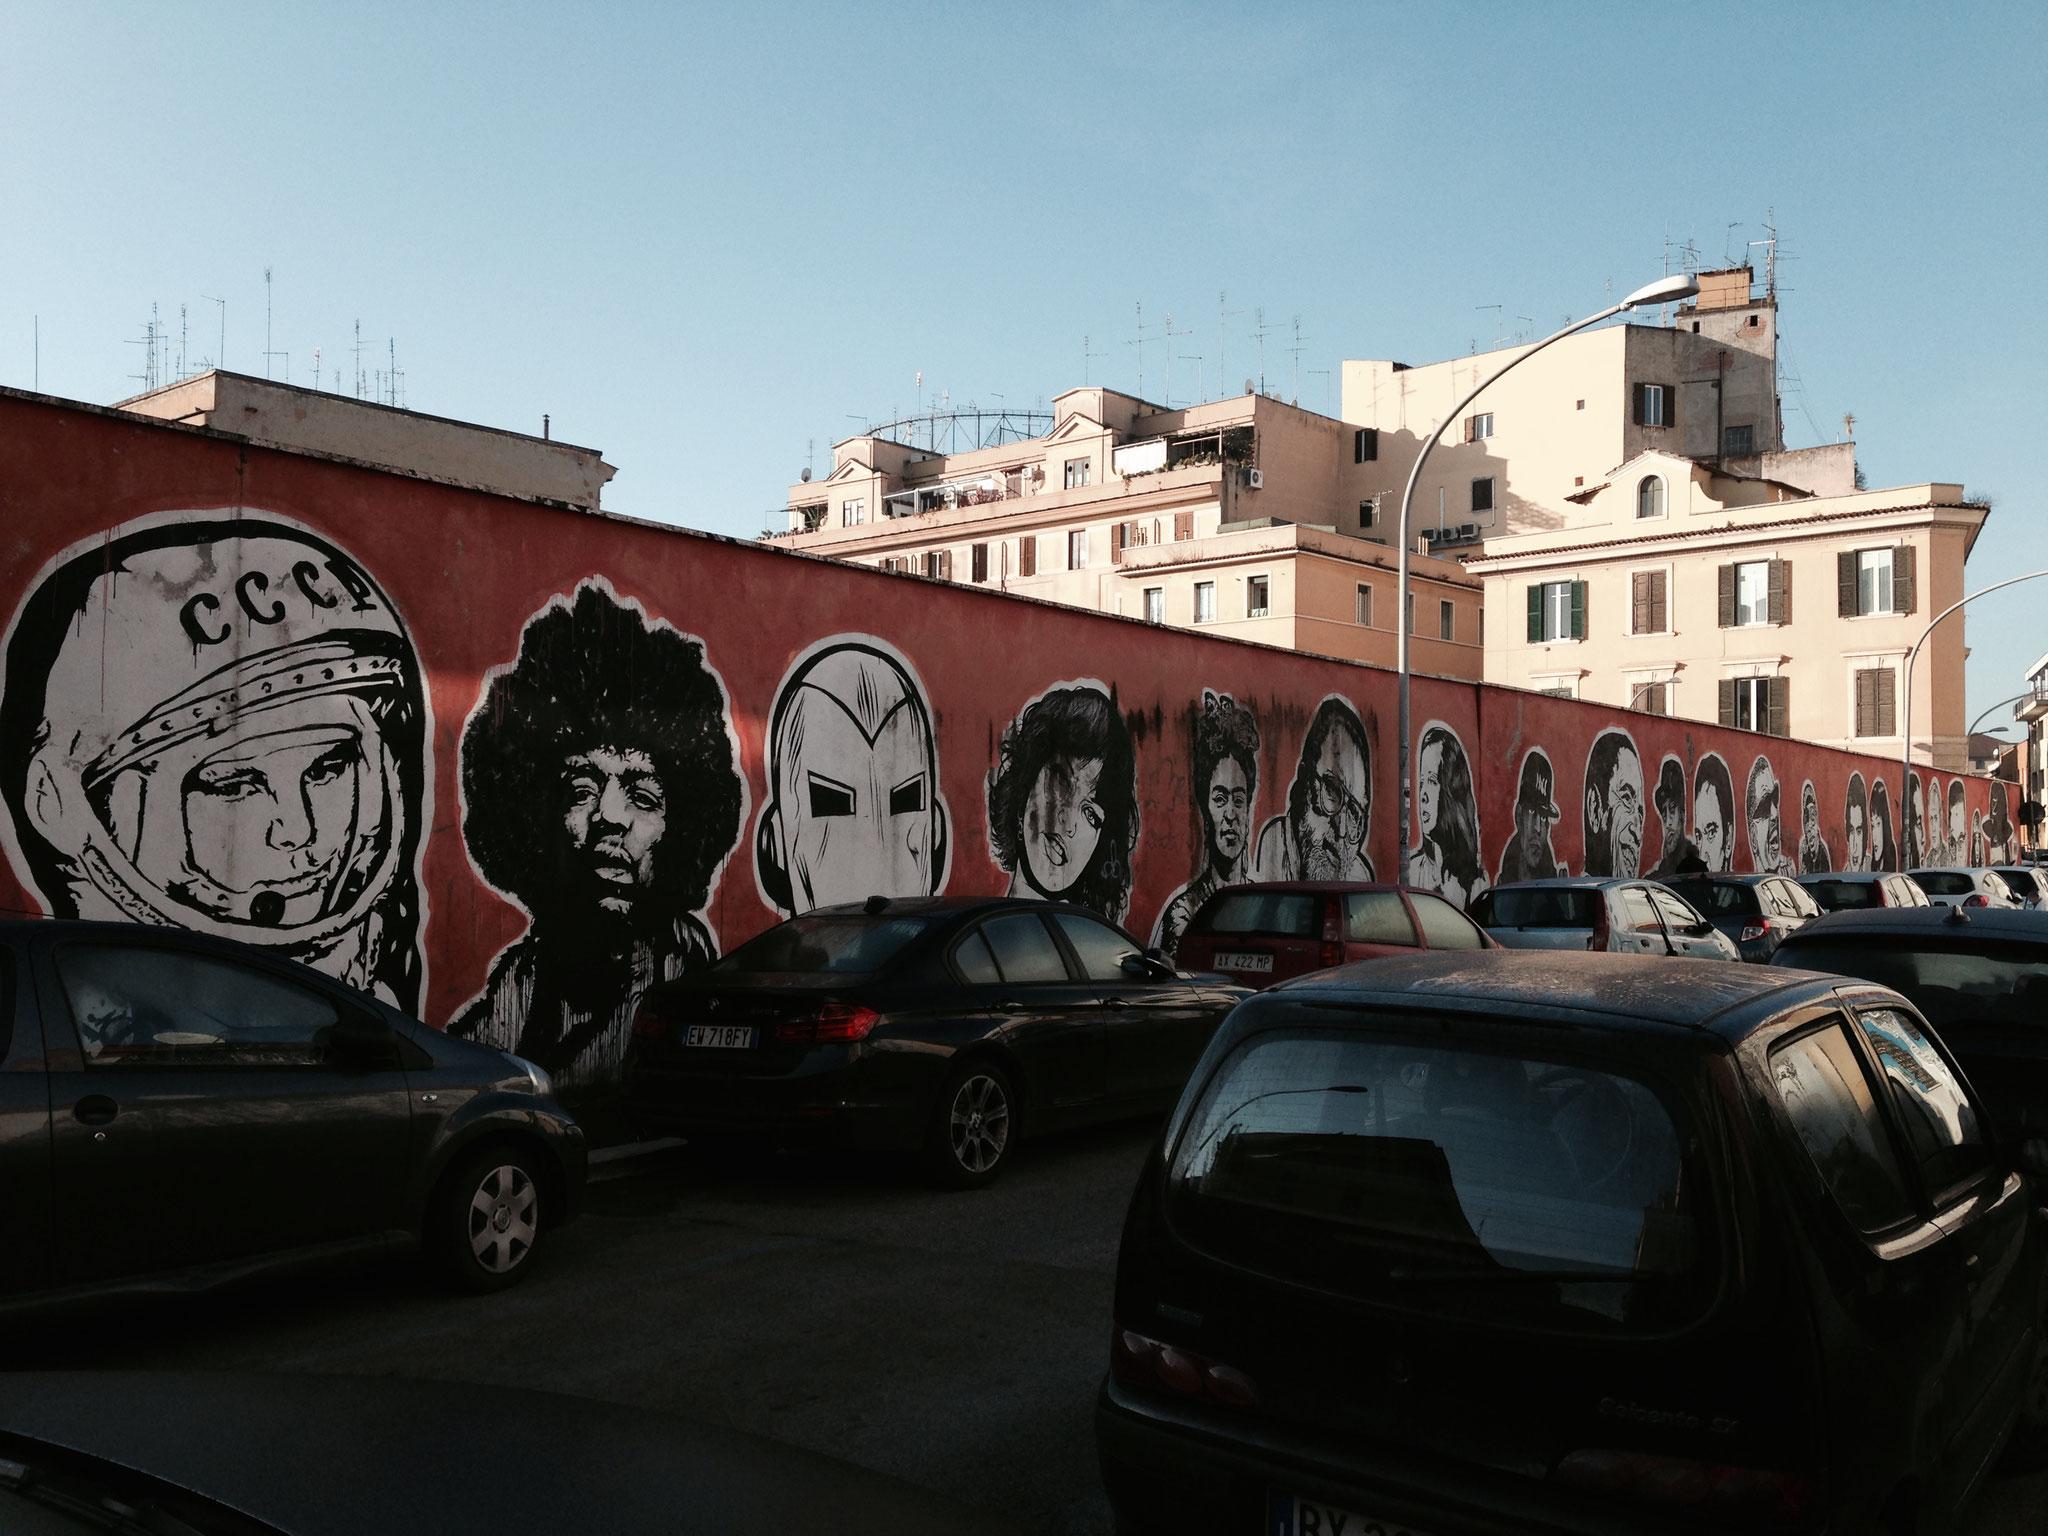 Wall of Fame in der Via dei Maggazzini Generali